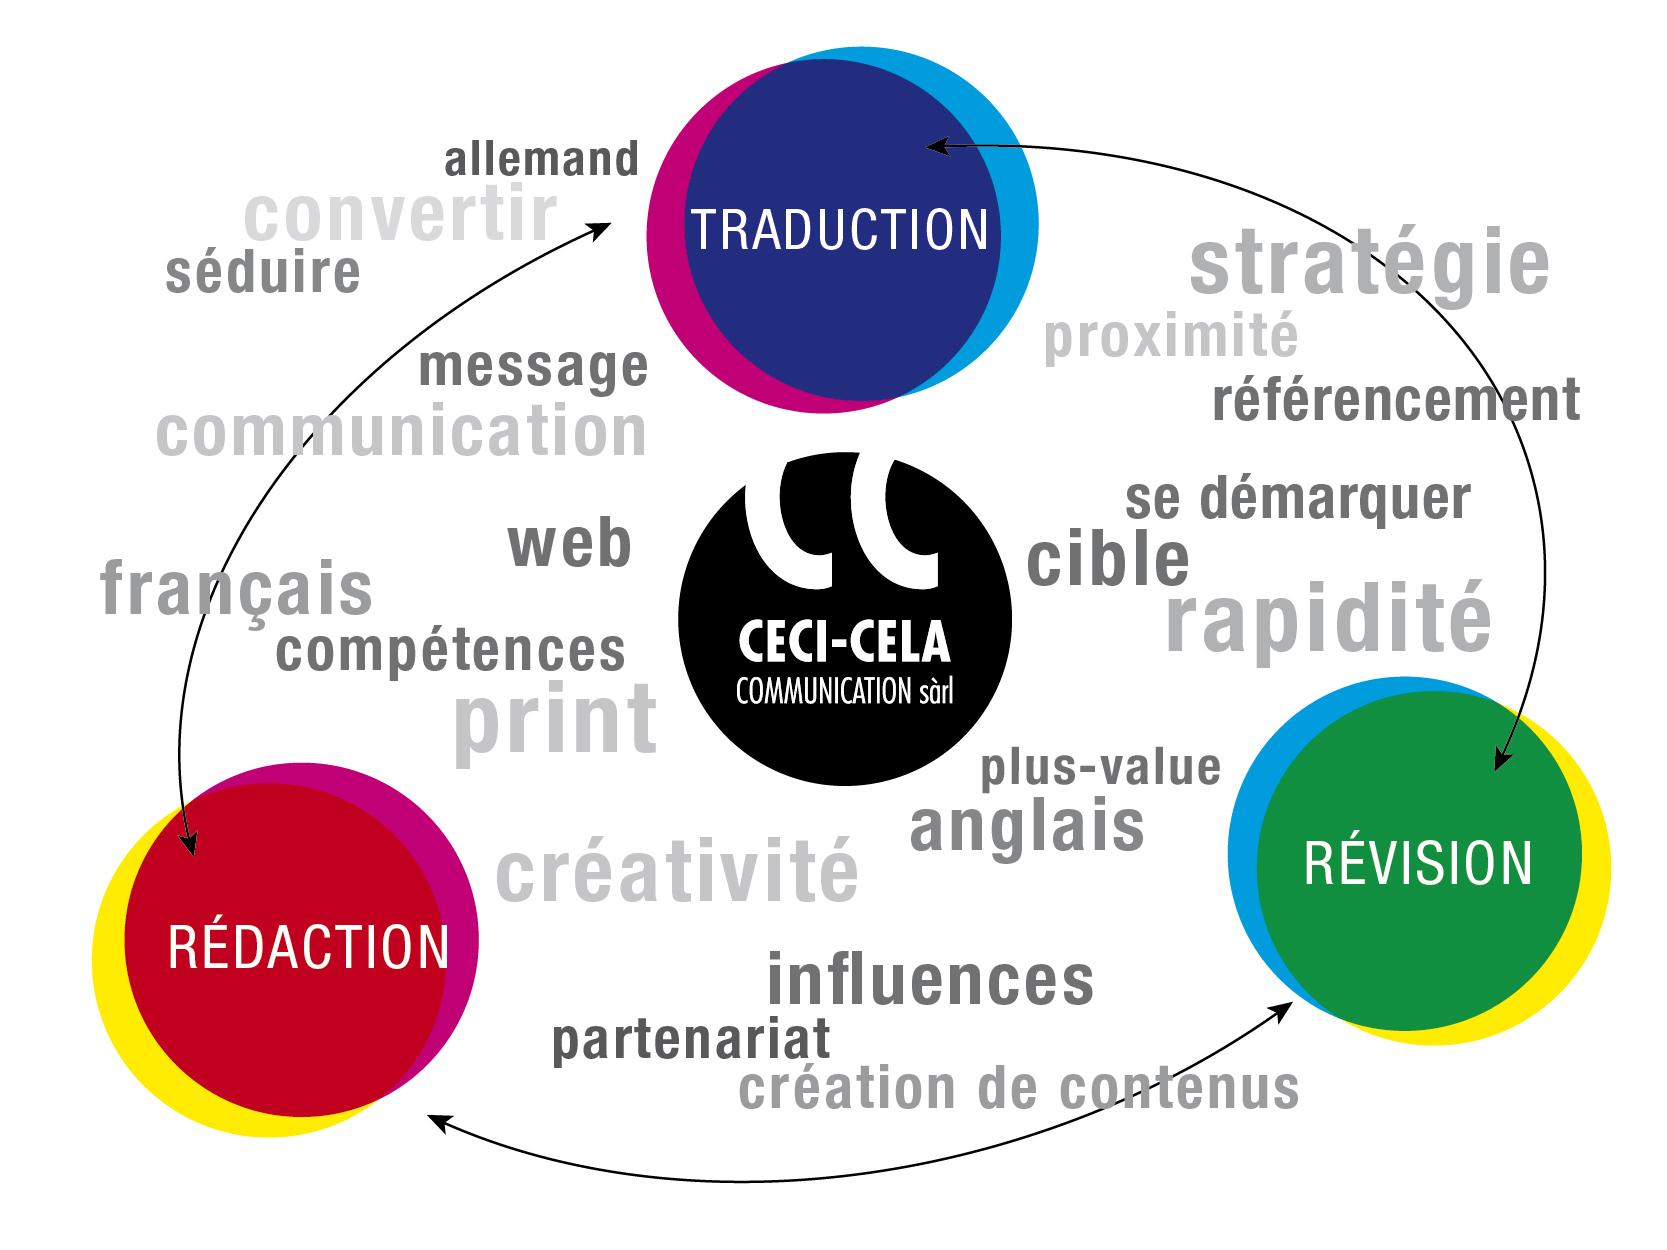 Activités et concepts décrivant la rédaction, la traduction et la révision